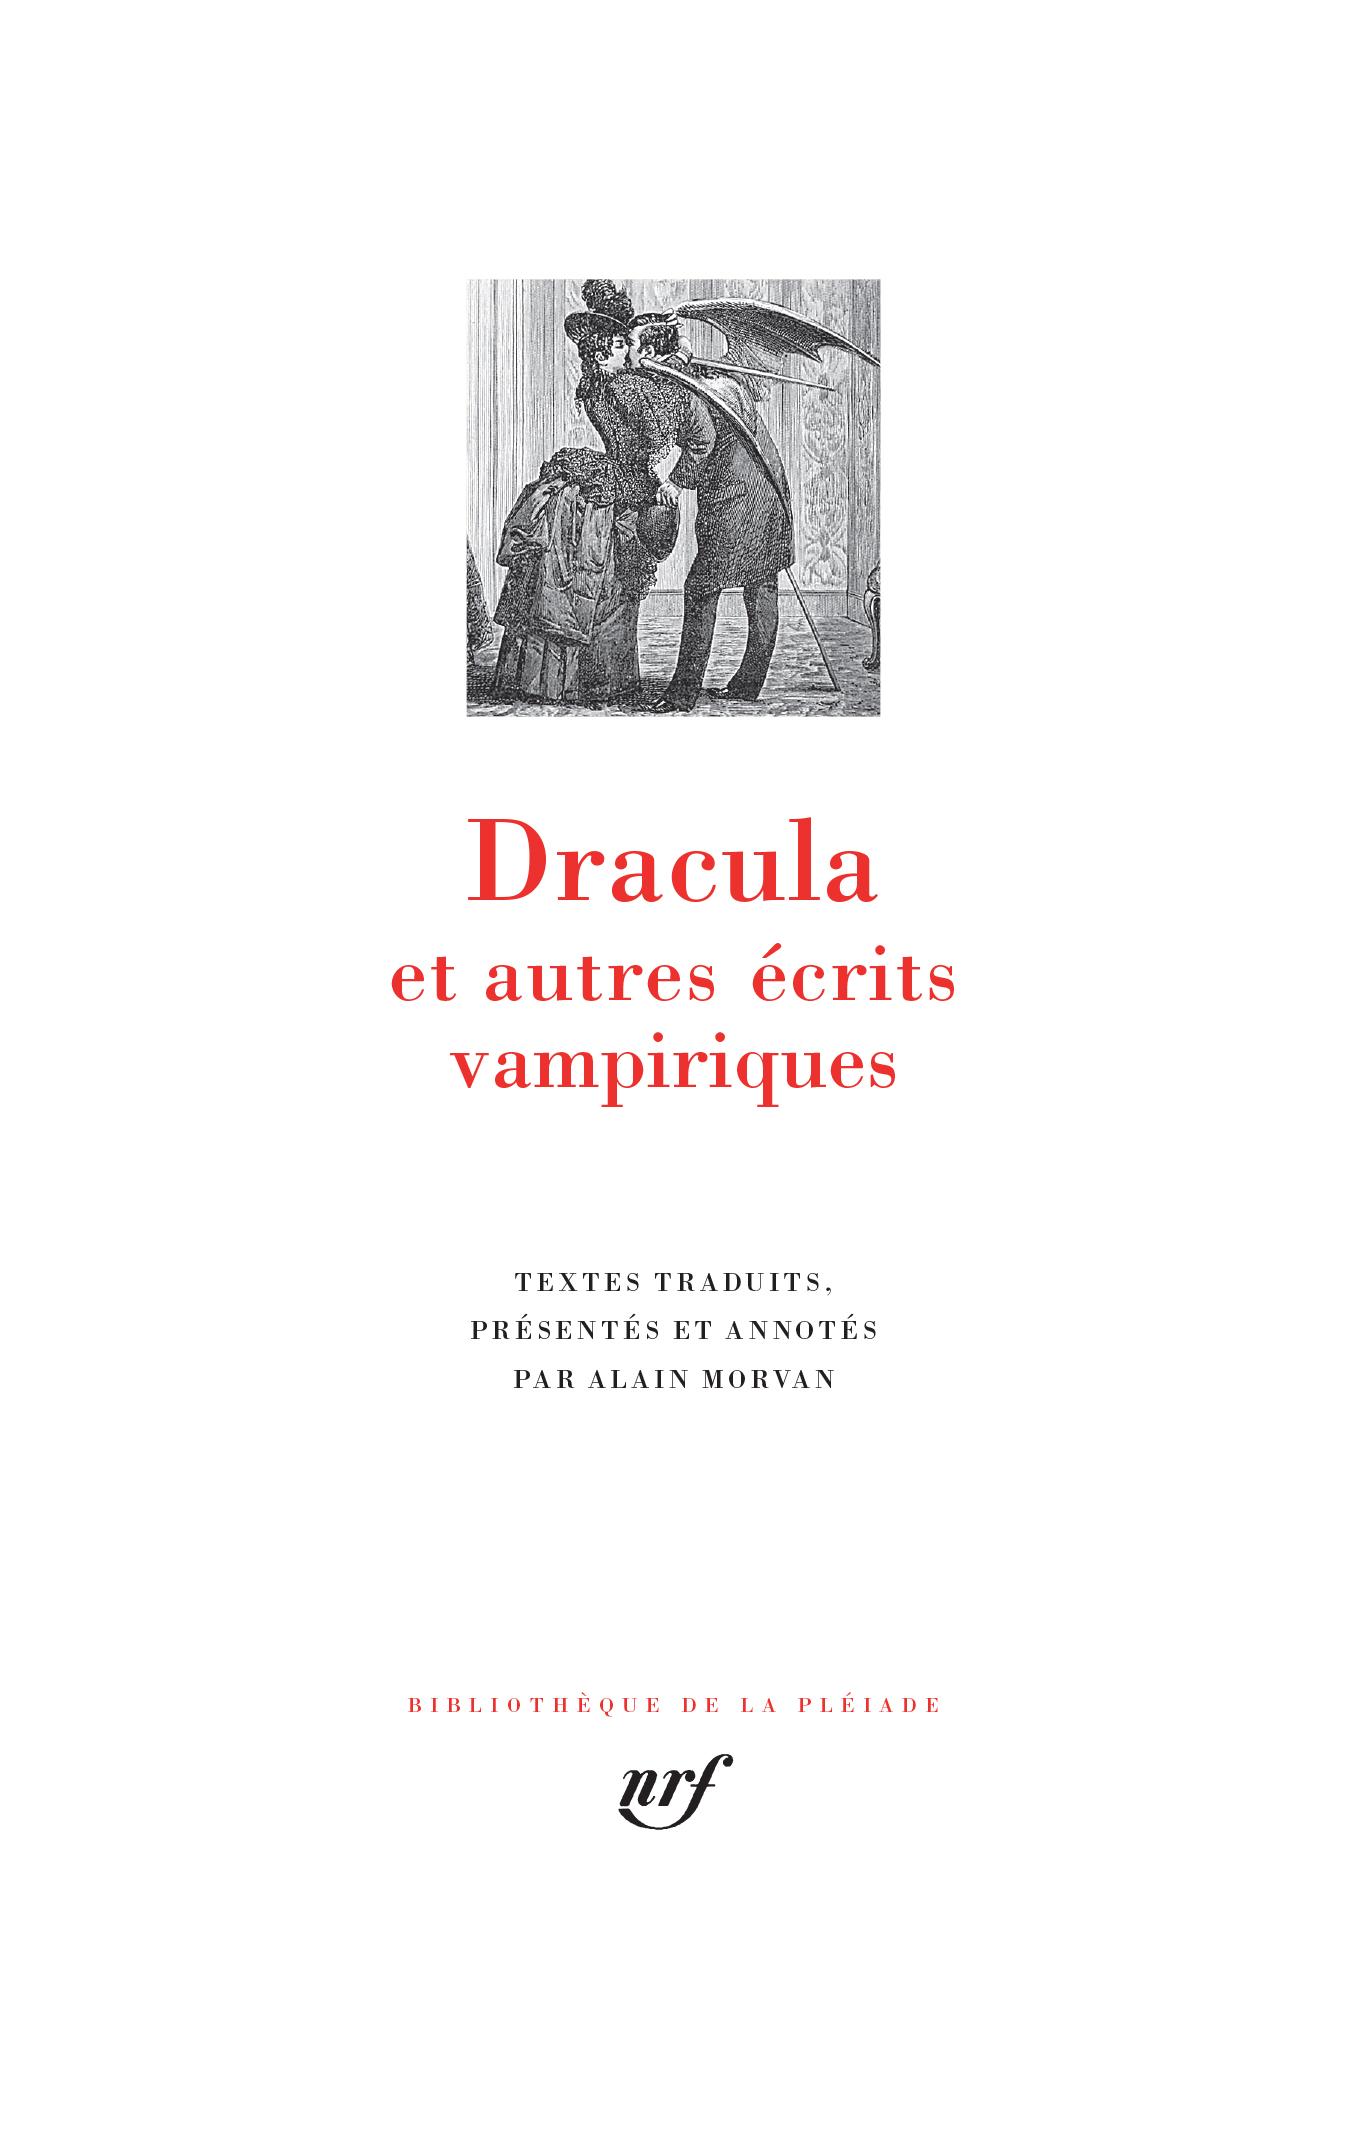 Dracula et autres écrits vampiriques(Biblioth. de la Pléiade)